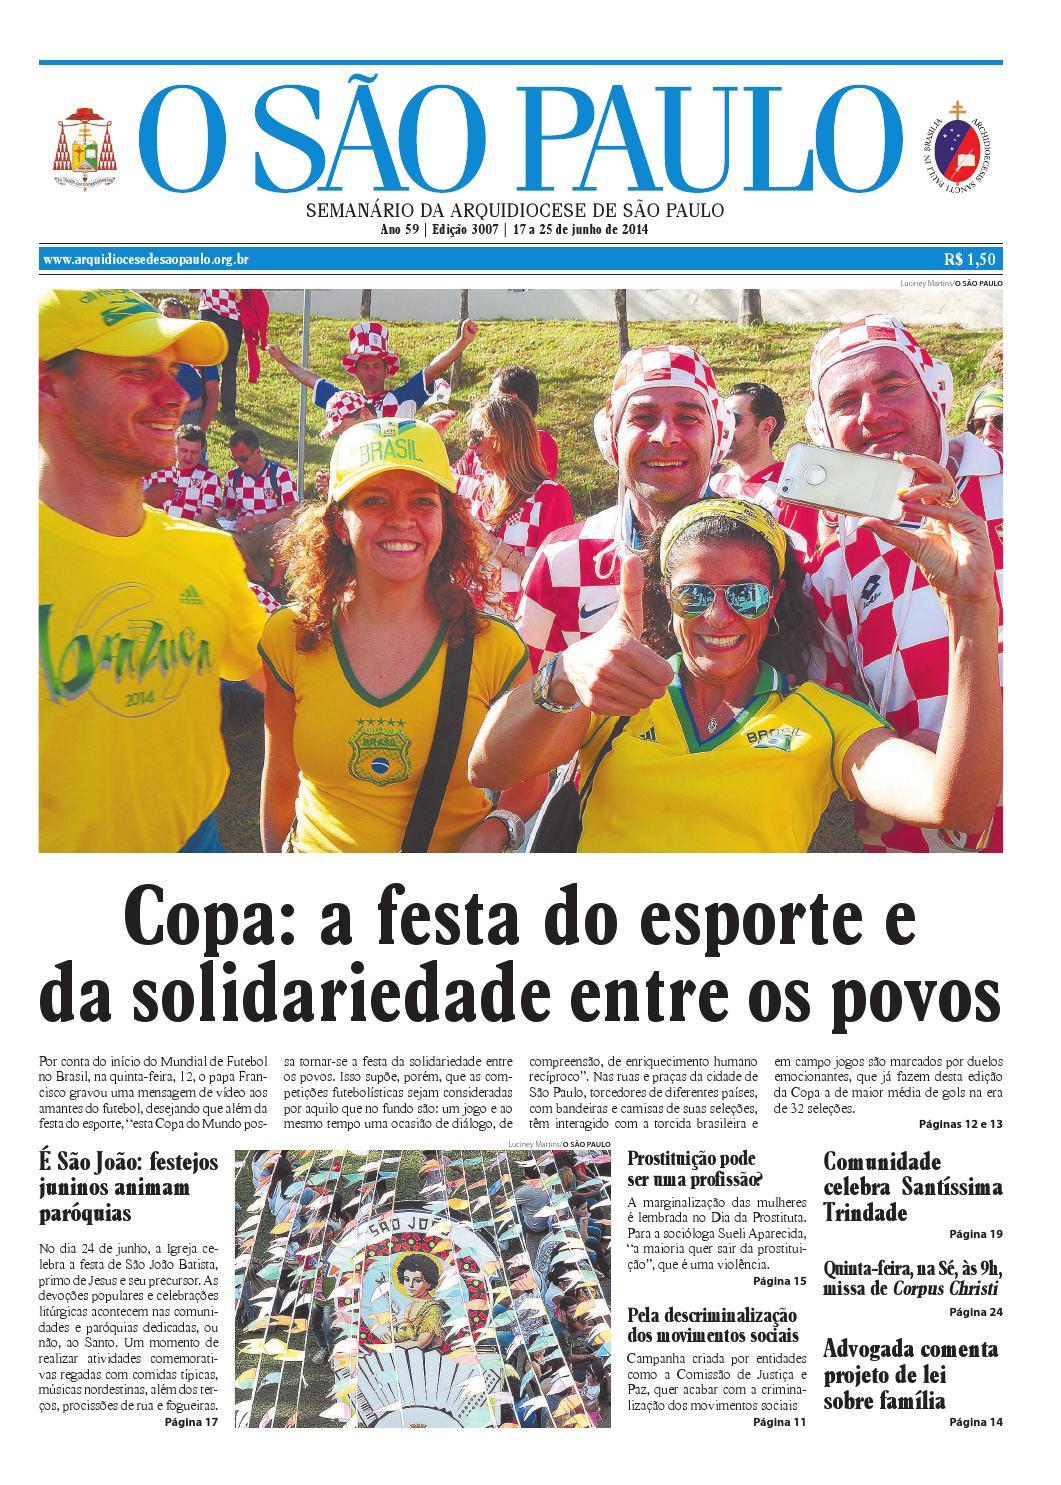 O SÃO PAULO - edição 3007 by jornal O SAO PAULO - issuu 491508732d5e0